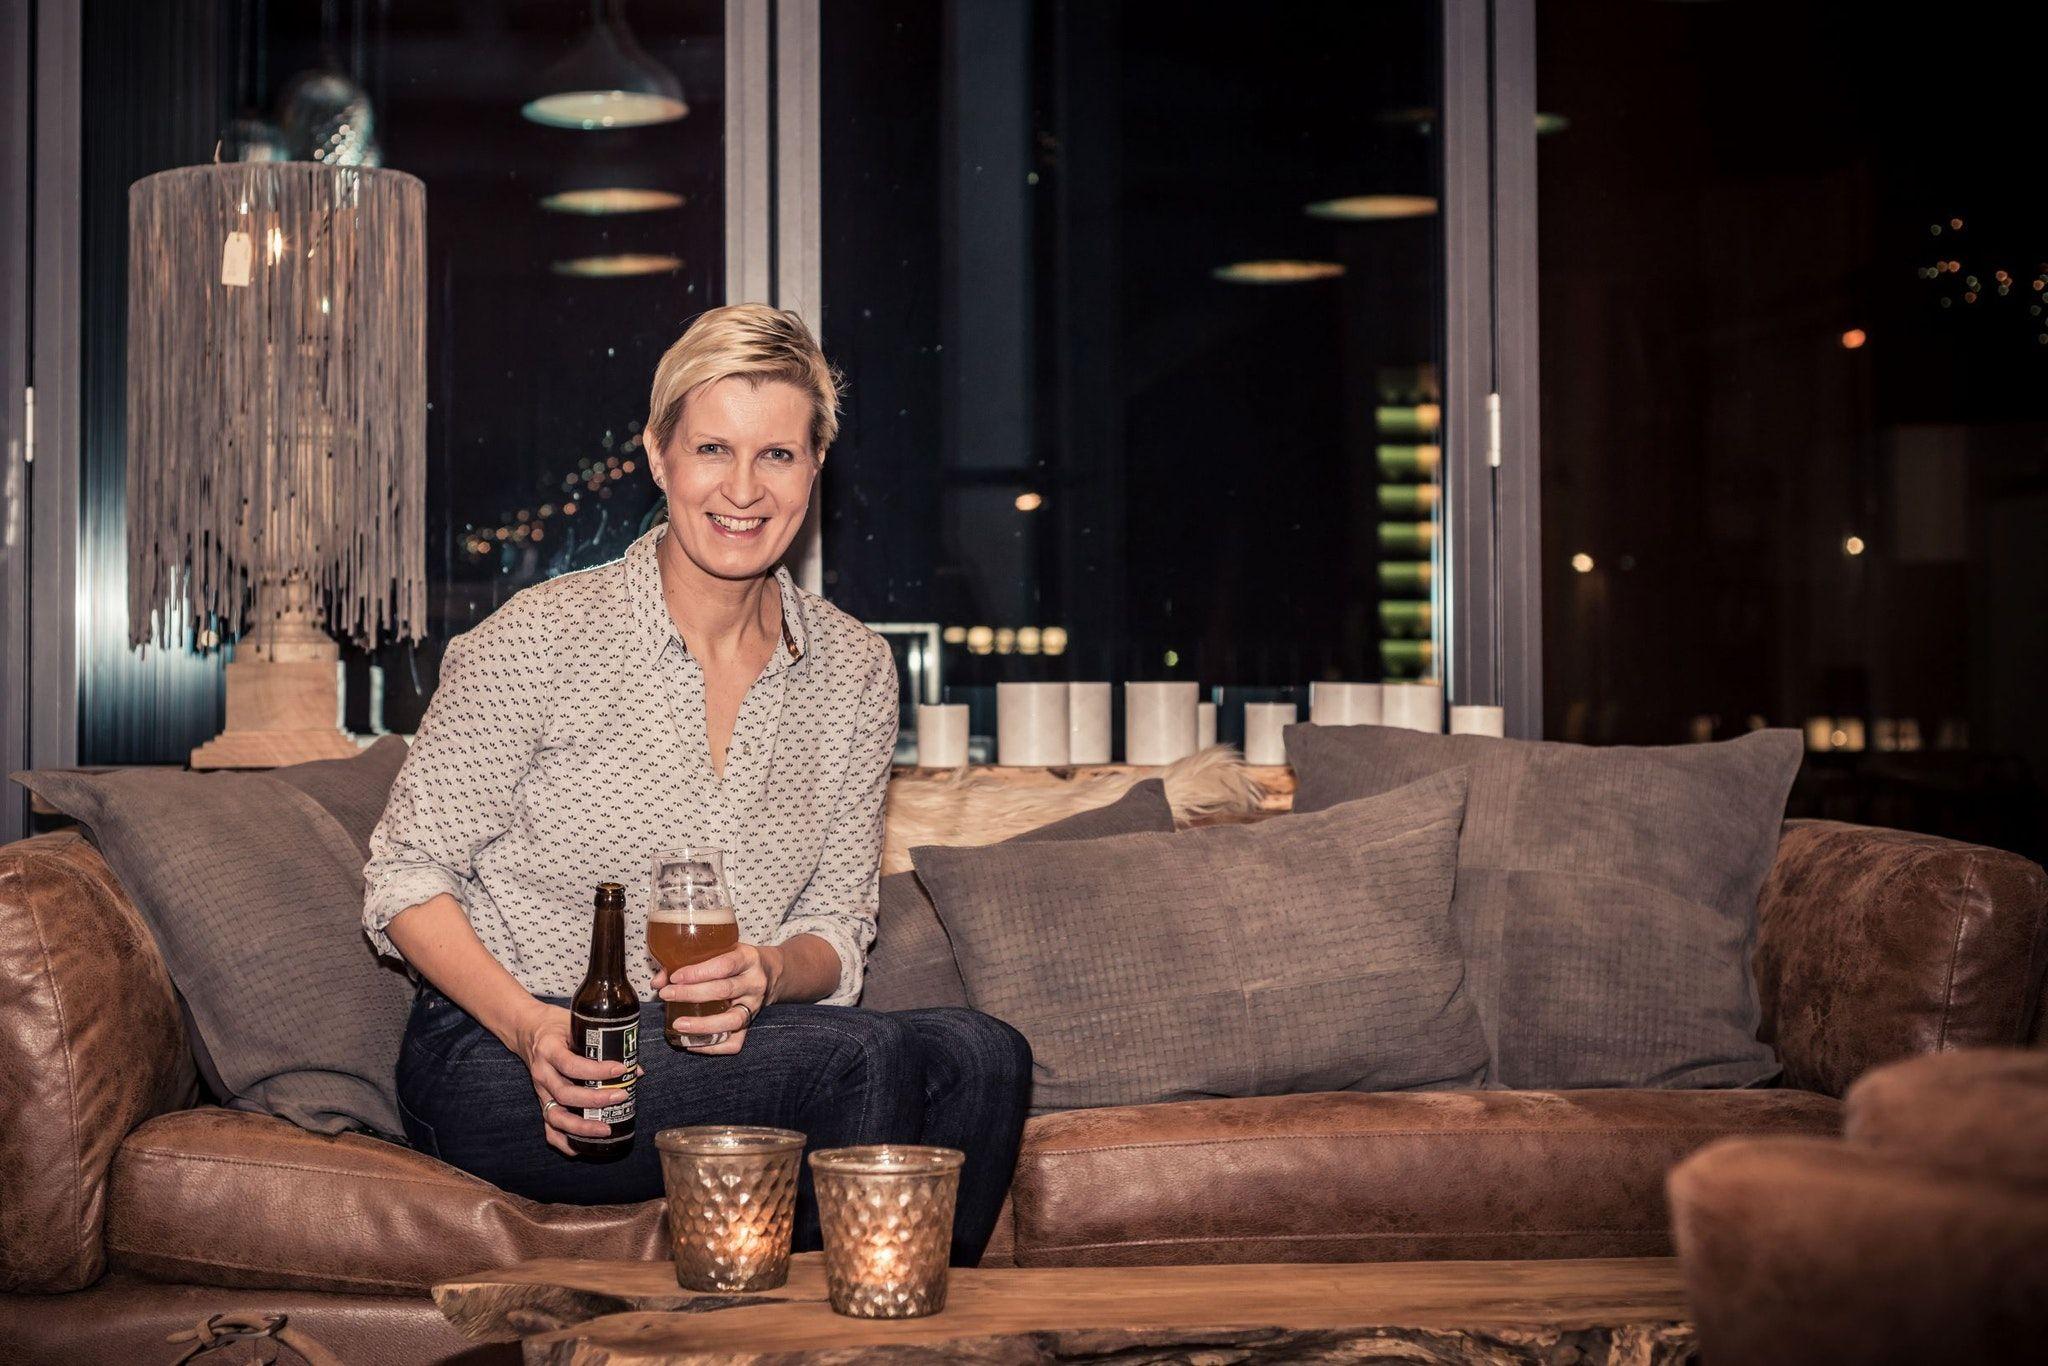 Um kreative Ideen nicht verlegen: Gästeführerin Petra Pekeler bleibt in der Pandemie auf dem Sofa sitzen, während sie ihre Bier- und Kneipengeschichten erzählt. Das Publikum kann sich online dazuschalten. Foto: Fotowerk Julia Pöstges <br>